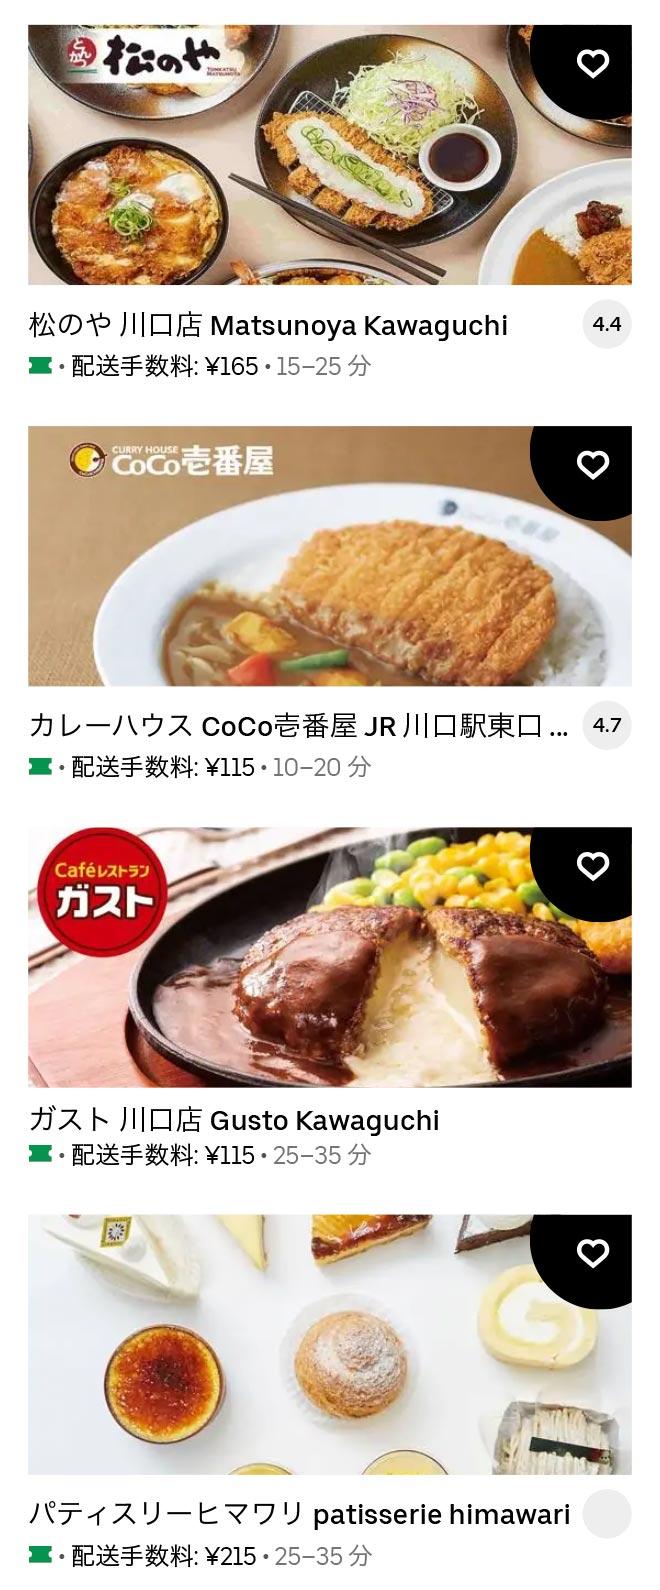 U kawaguchi 2104 07